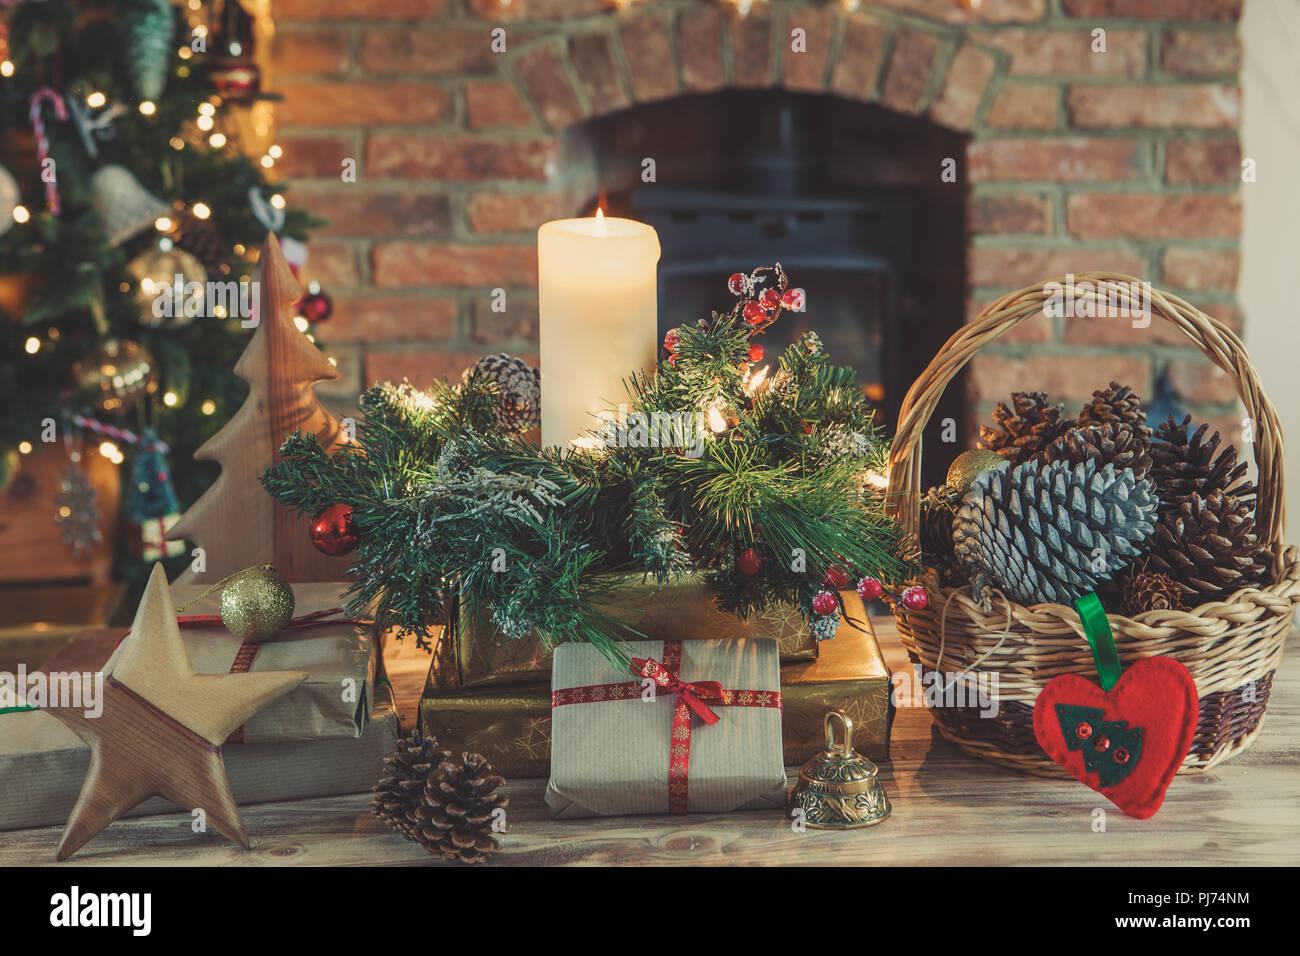 Decorazioni Natalizie Sul Camino.Scena Di Natale Regali E Decorazioni Sul Tavolo Davanti Al